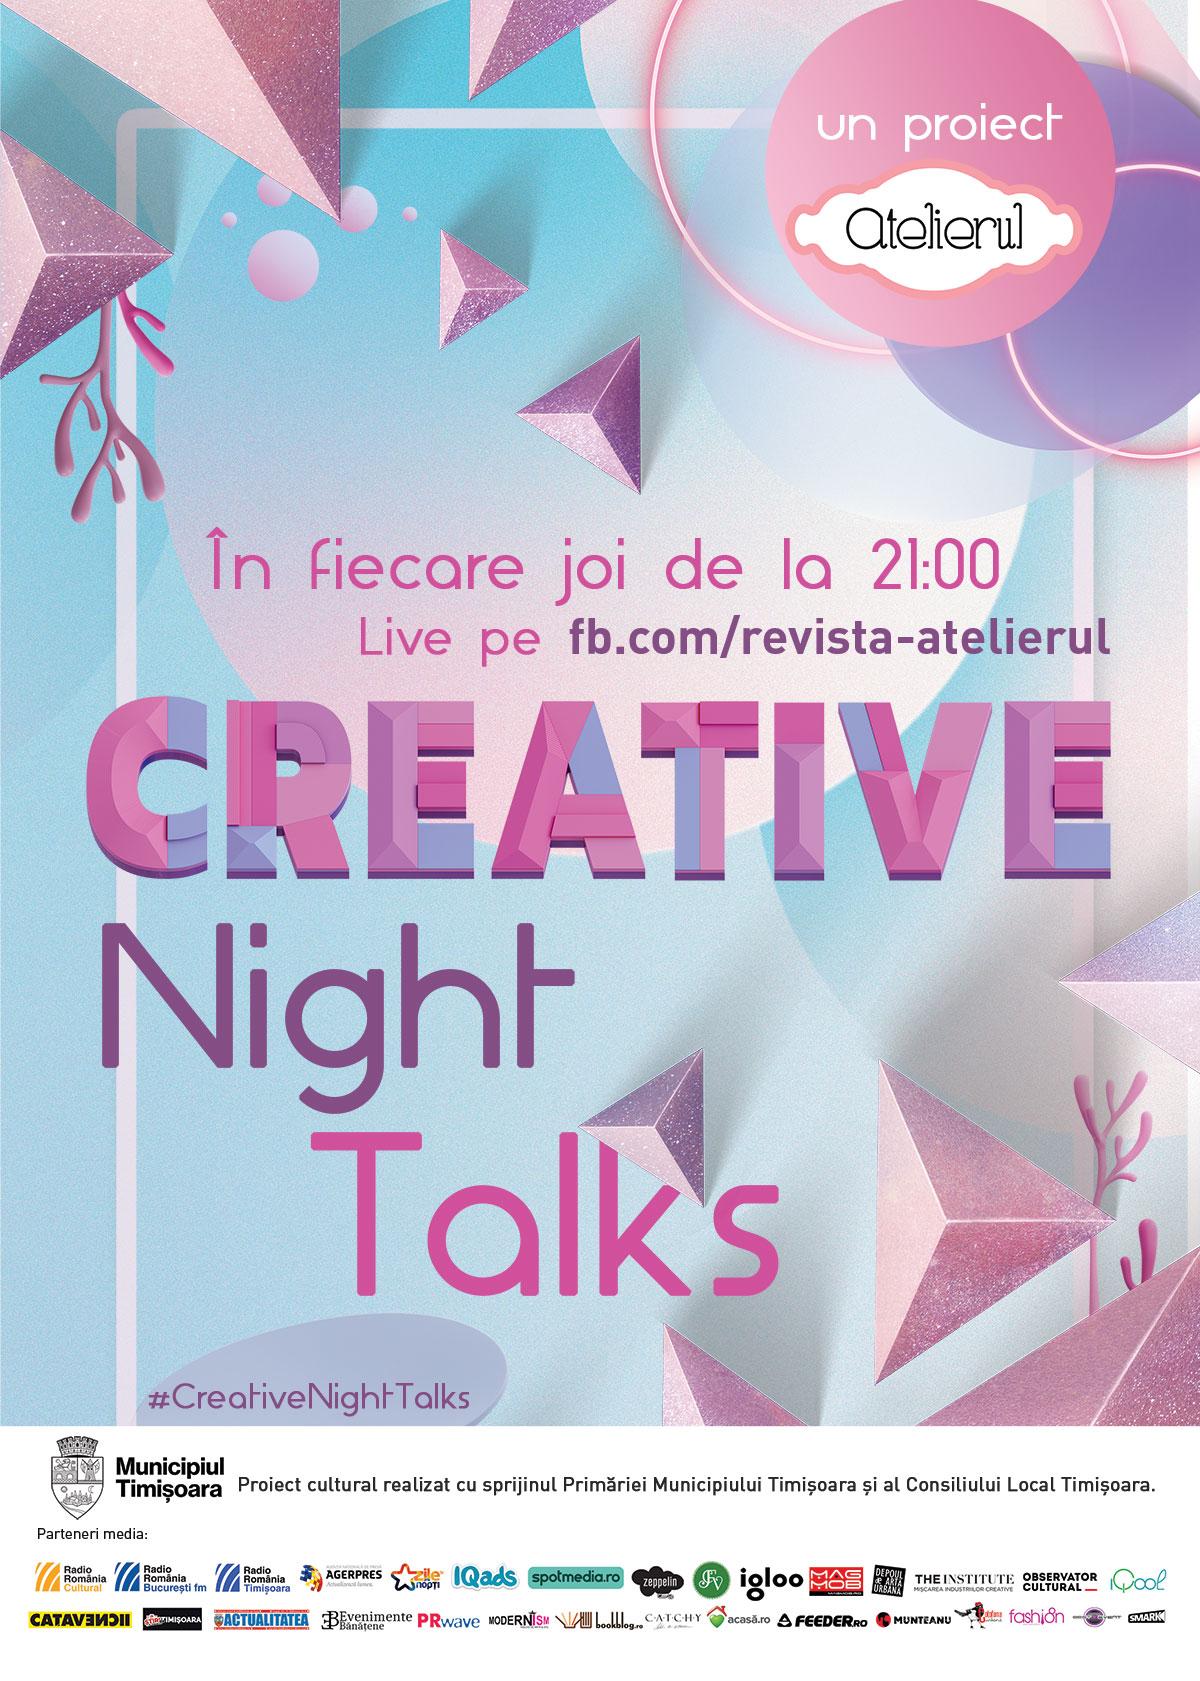 Creative Night Talks în octombrie - despre PR cultural, makerspace, artă contemporană și interdisciplinară